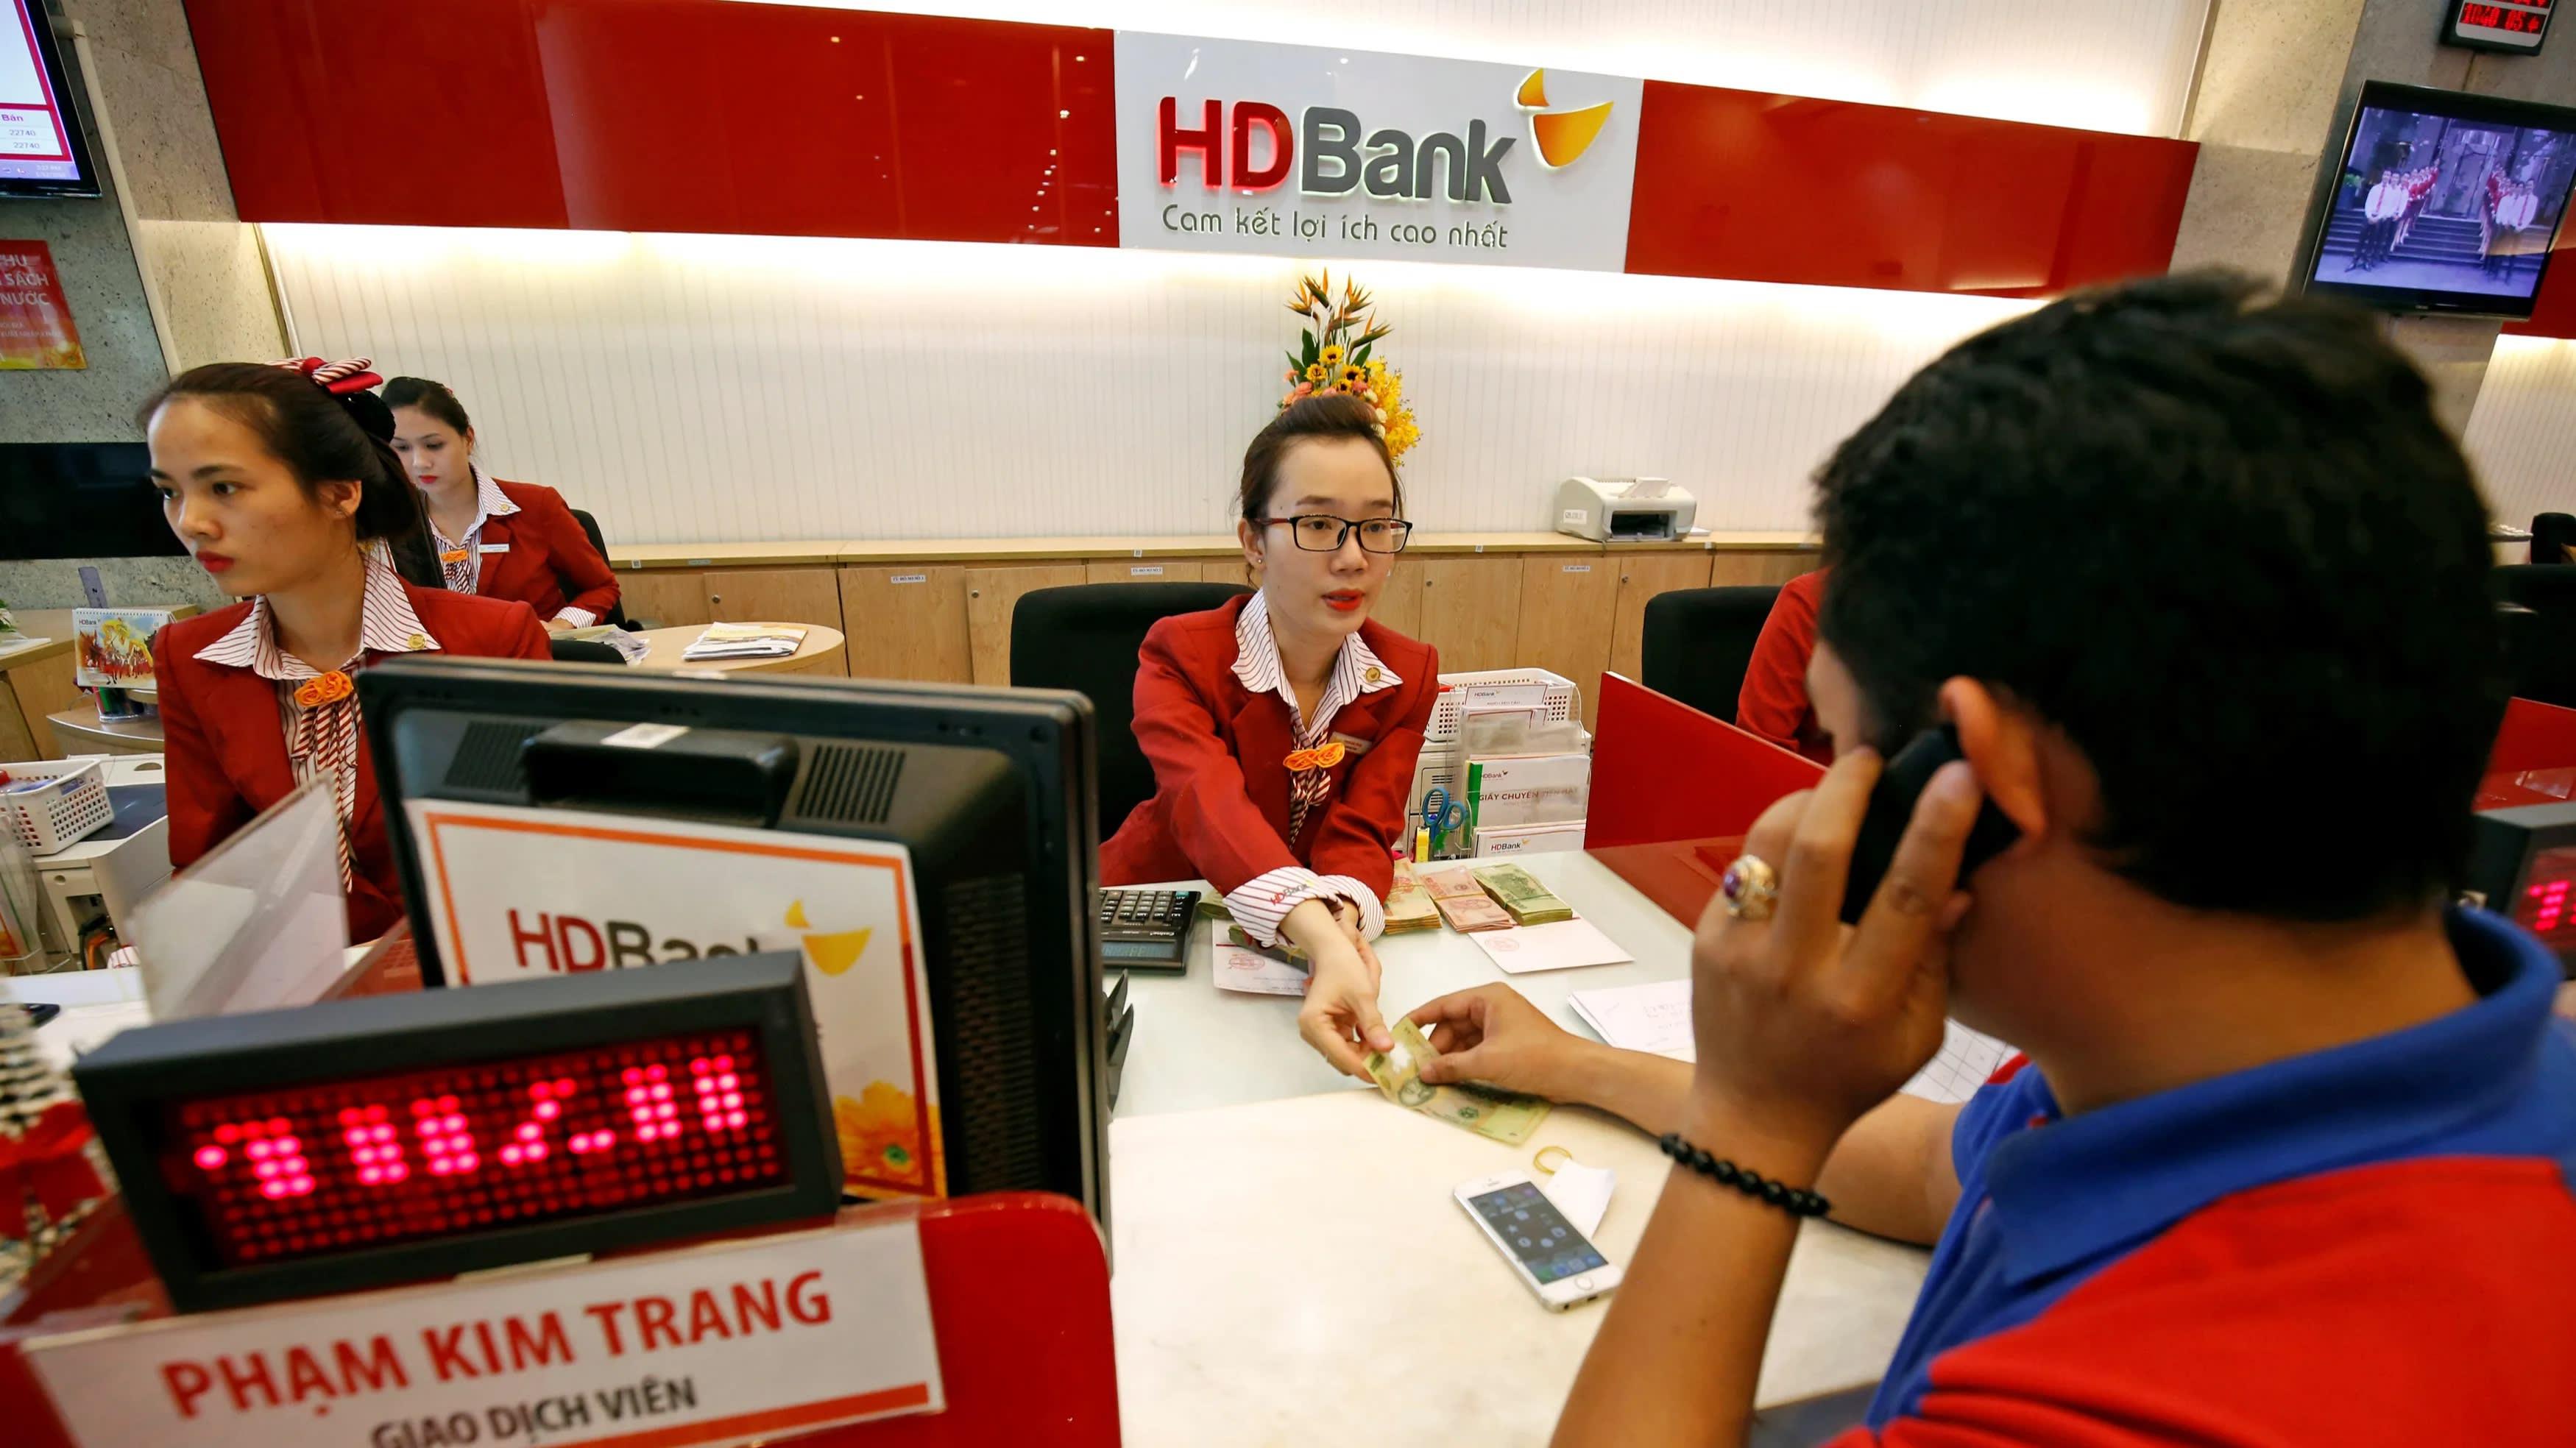 Ngân hàng Hà Lan FMO cân nhắc rót 40 triệu USD vào HDBank